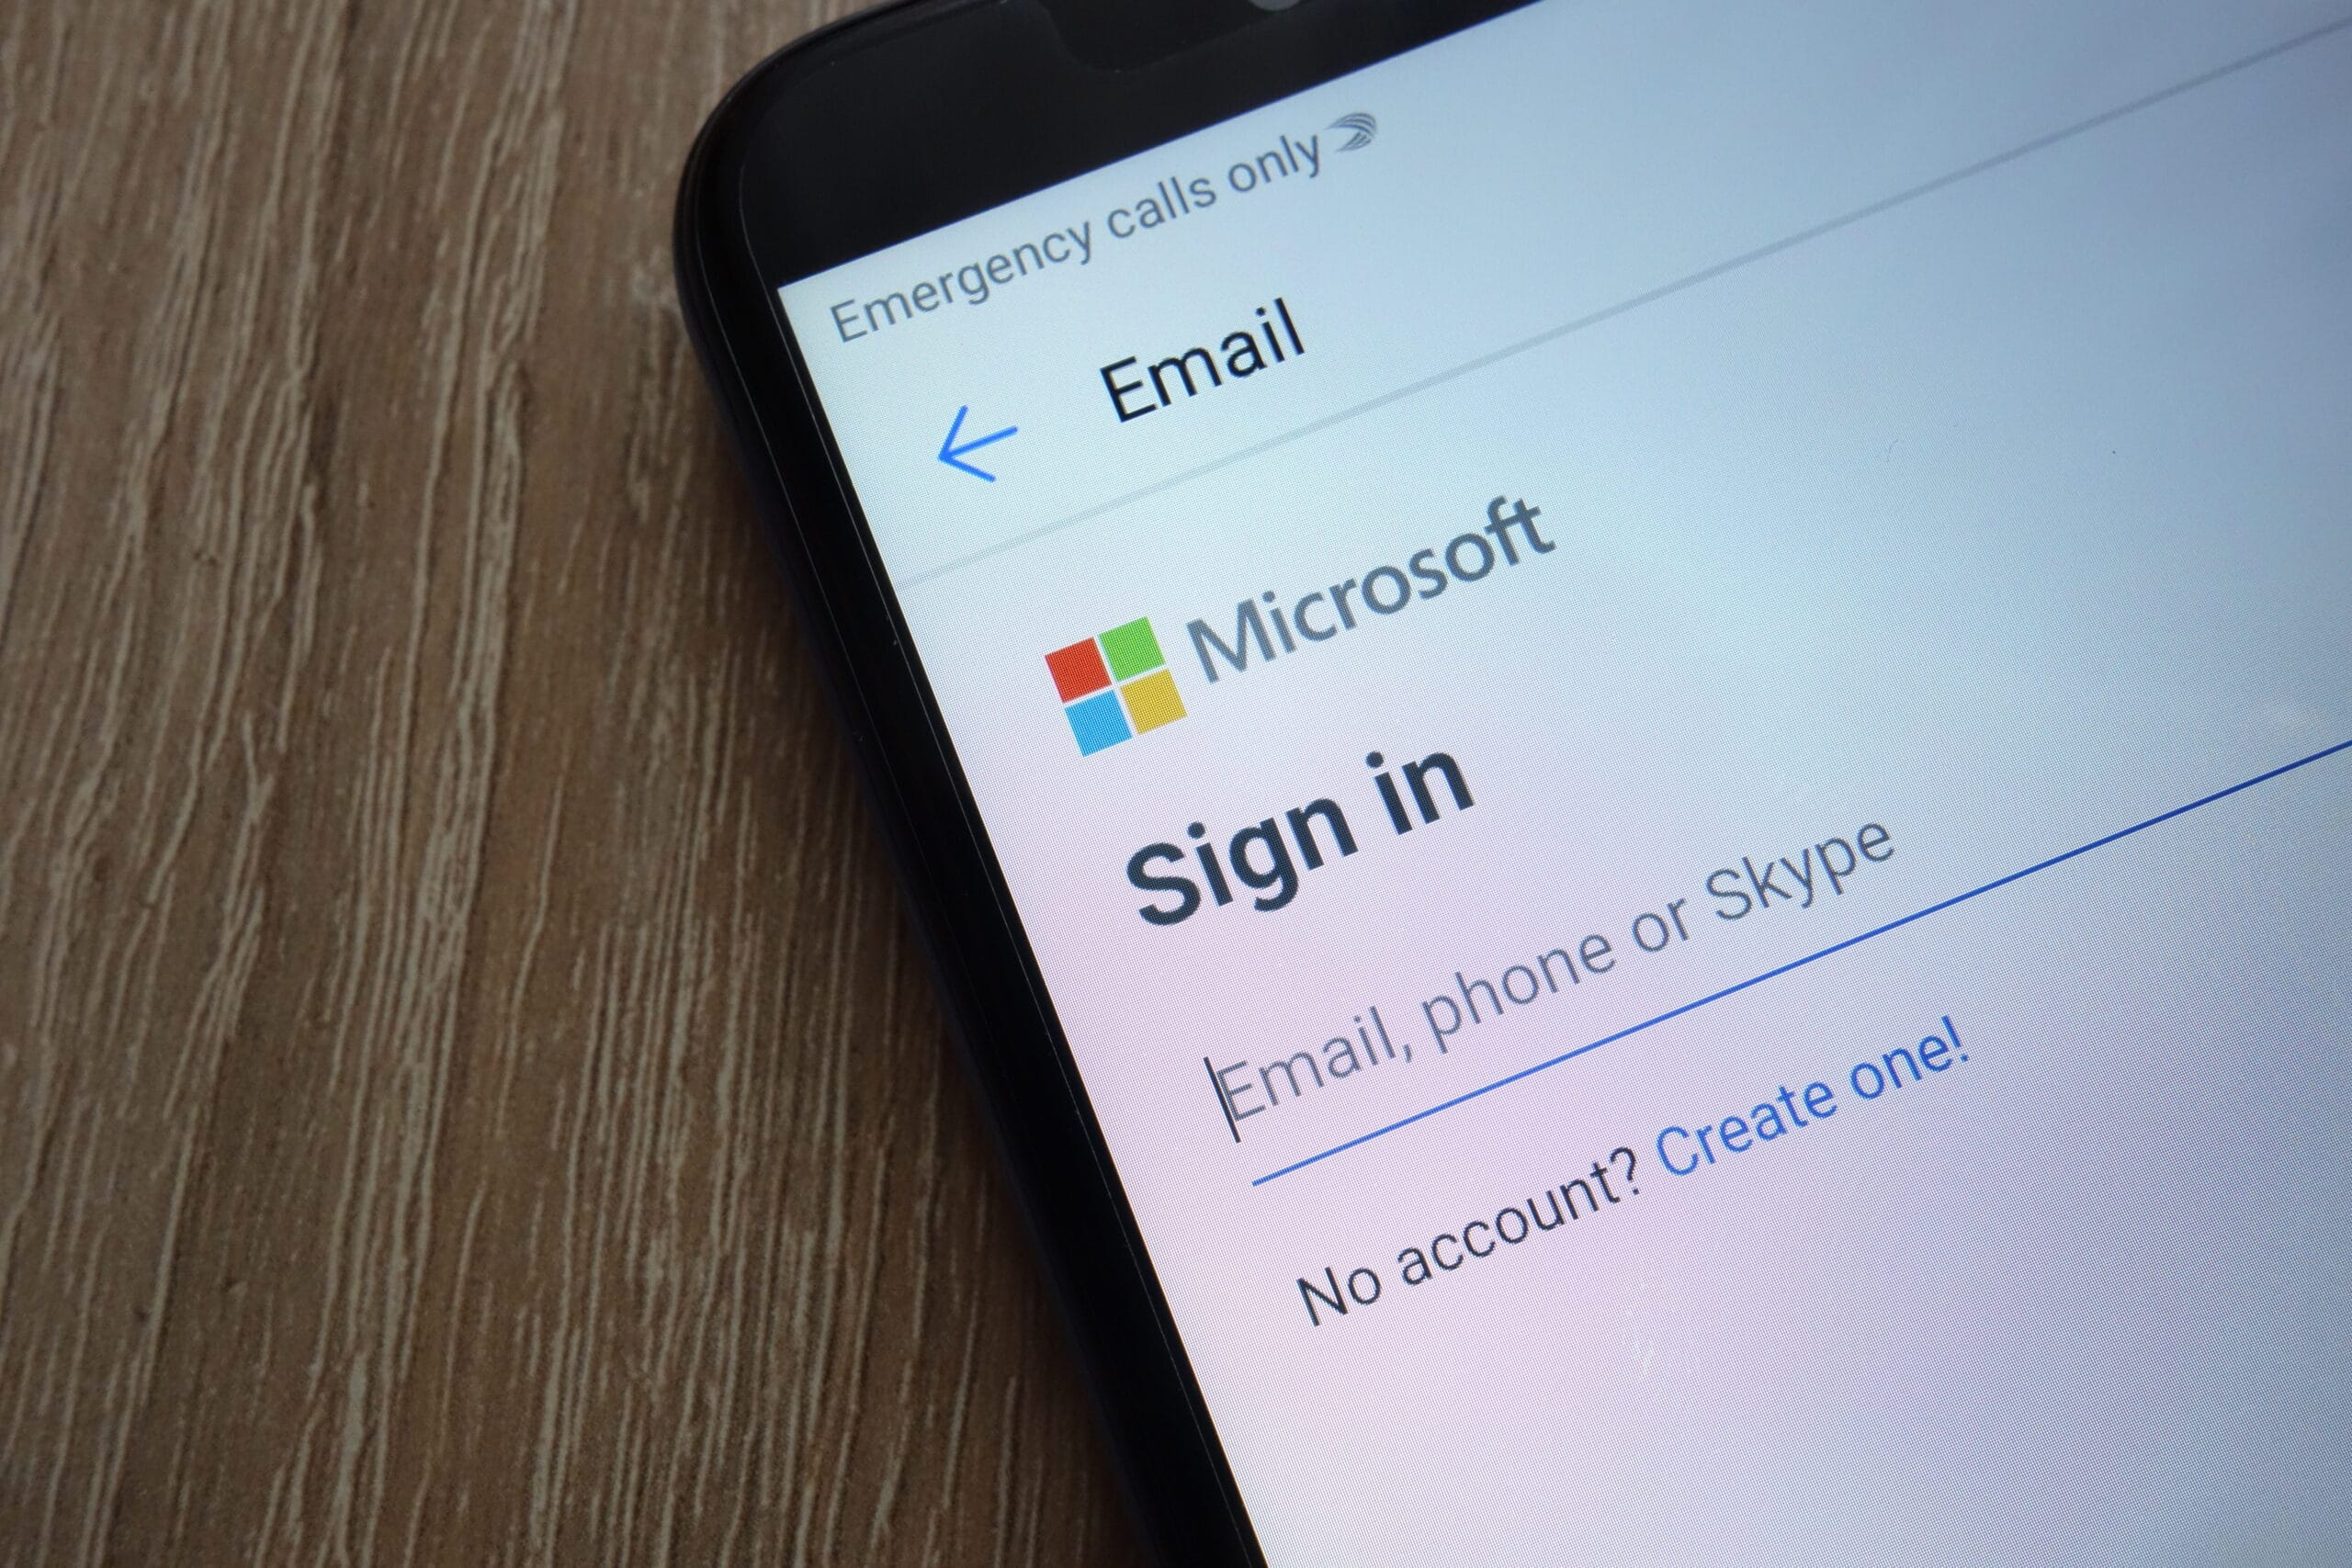 Dringend updaten: Weitere Schwachstellen bei Microsoft entdeckt